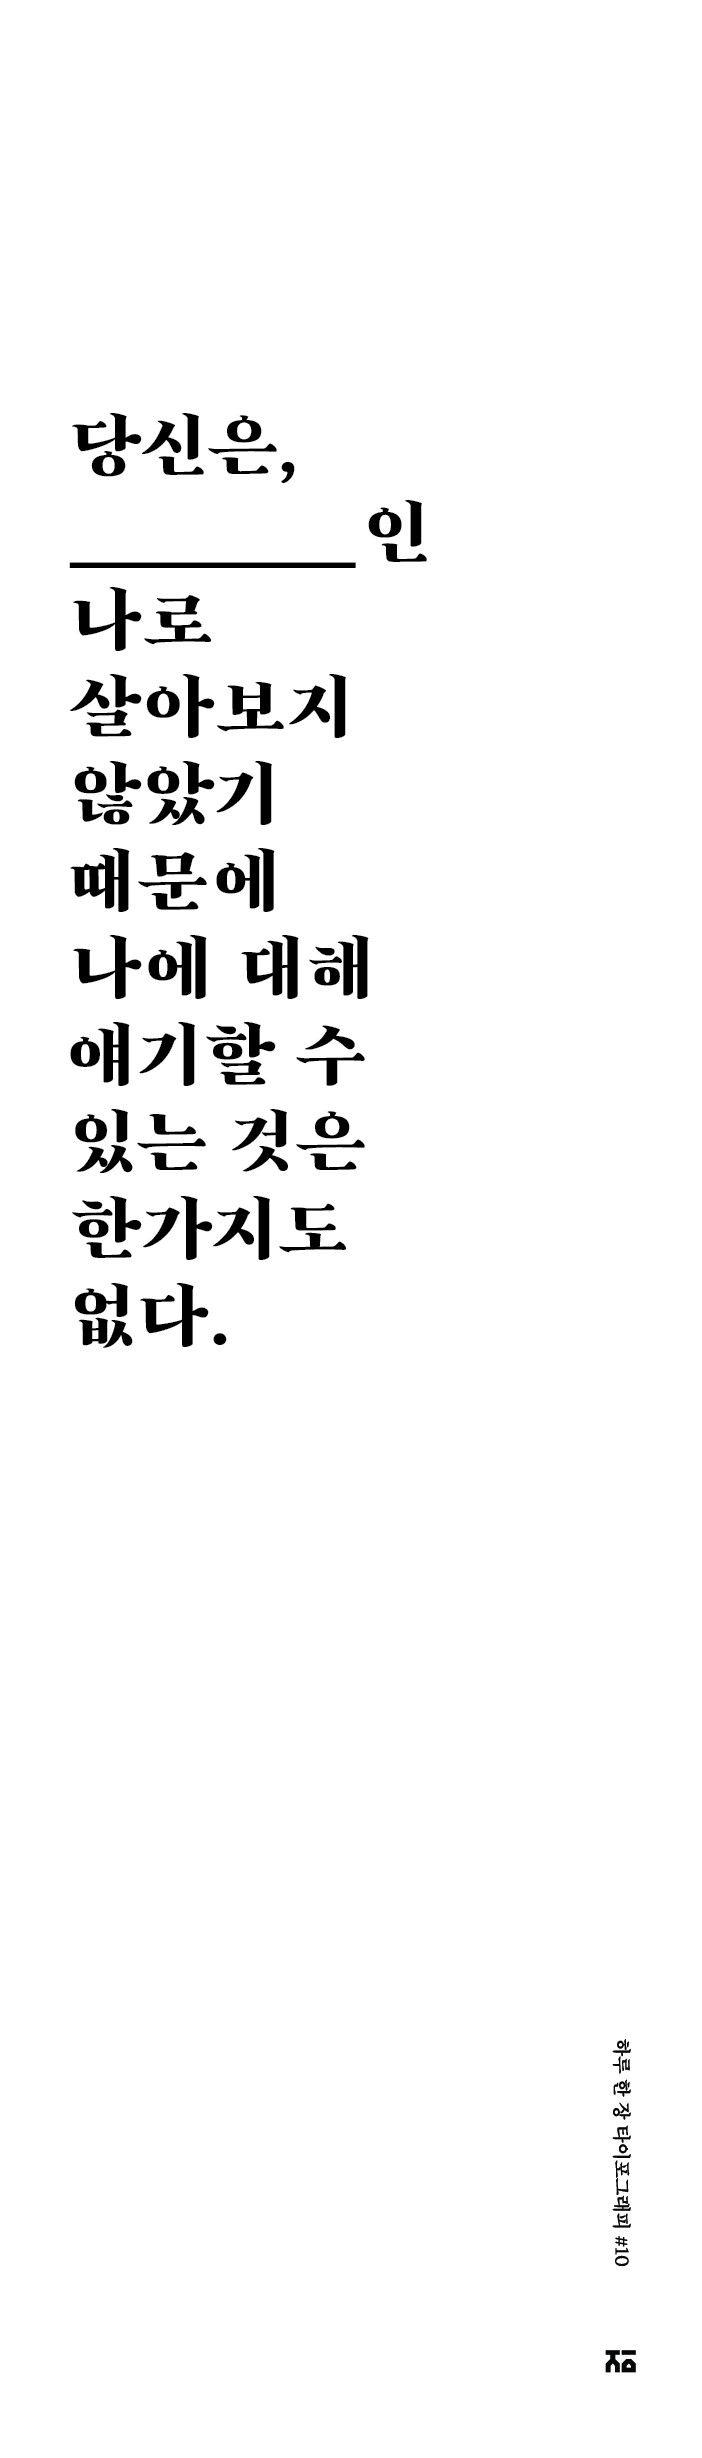 [15.01.26] 하루 한 장 타이포그래피 #10 by Jaeha Kim